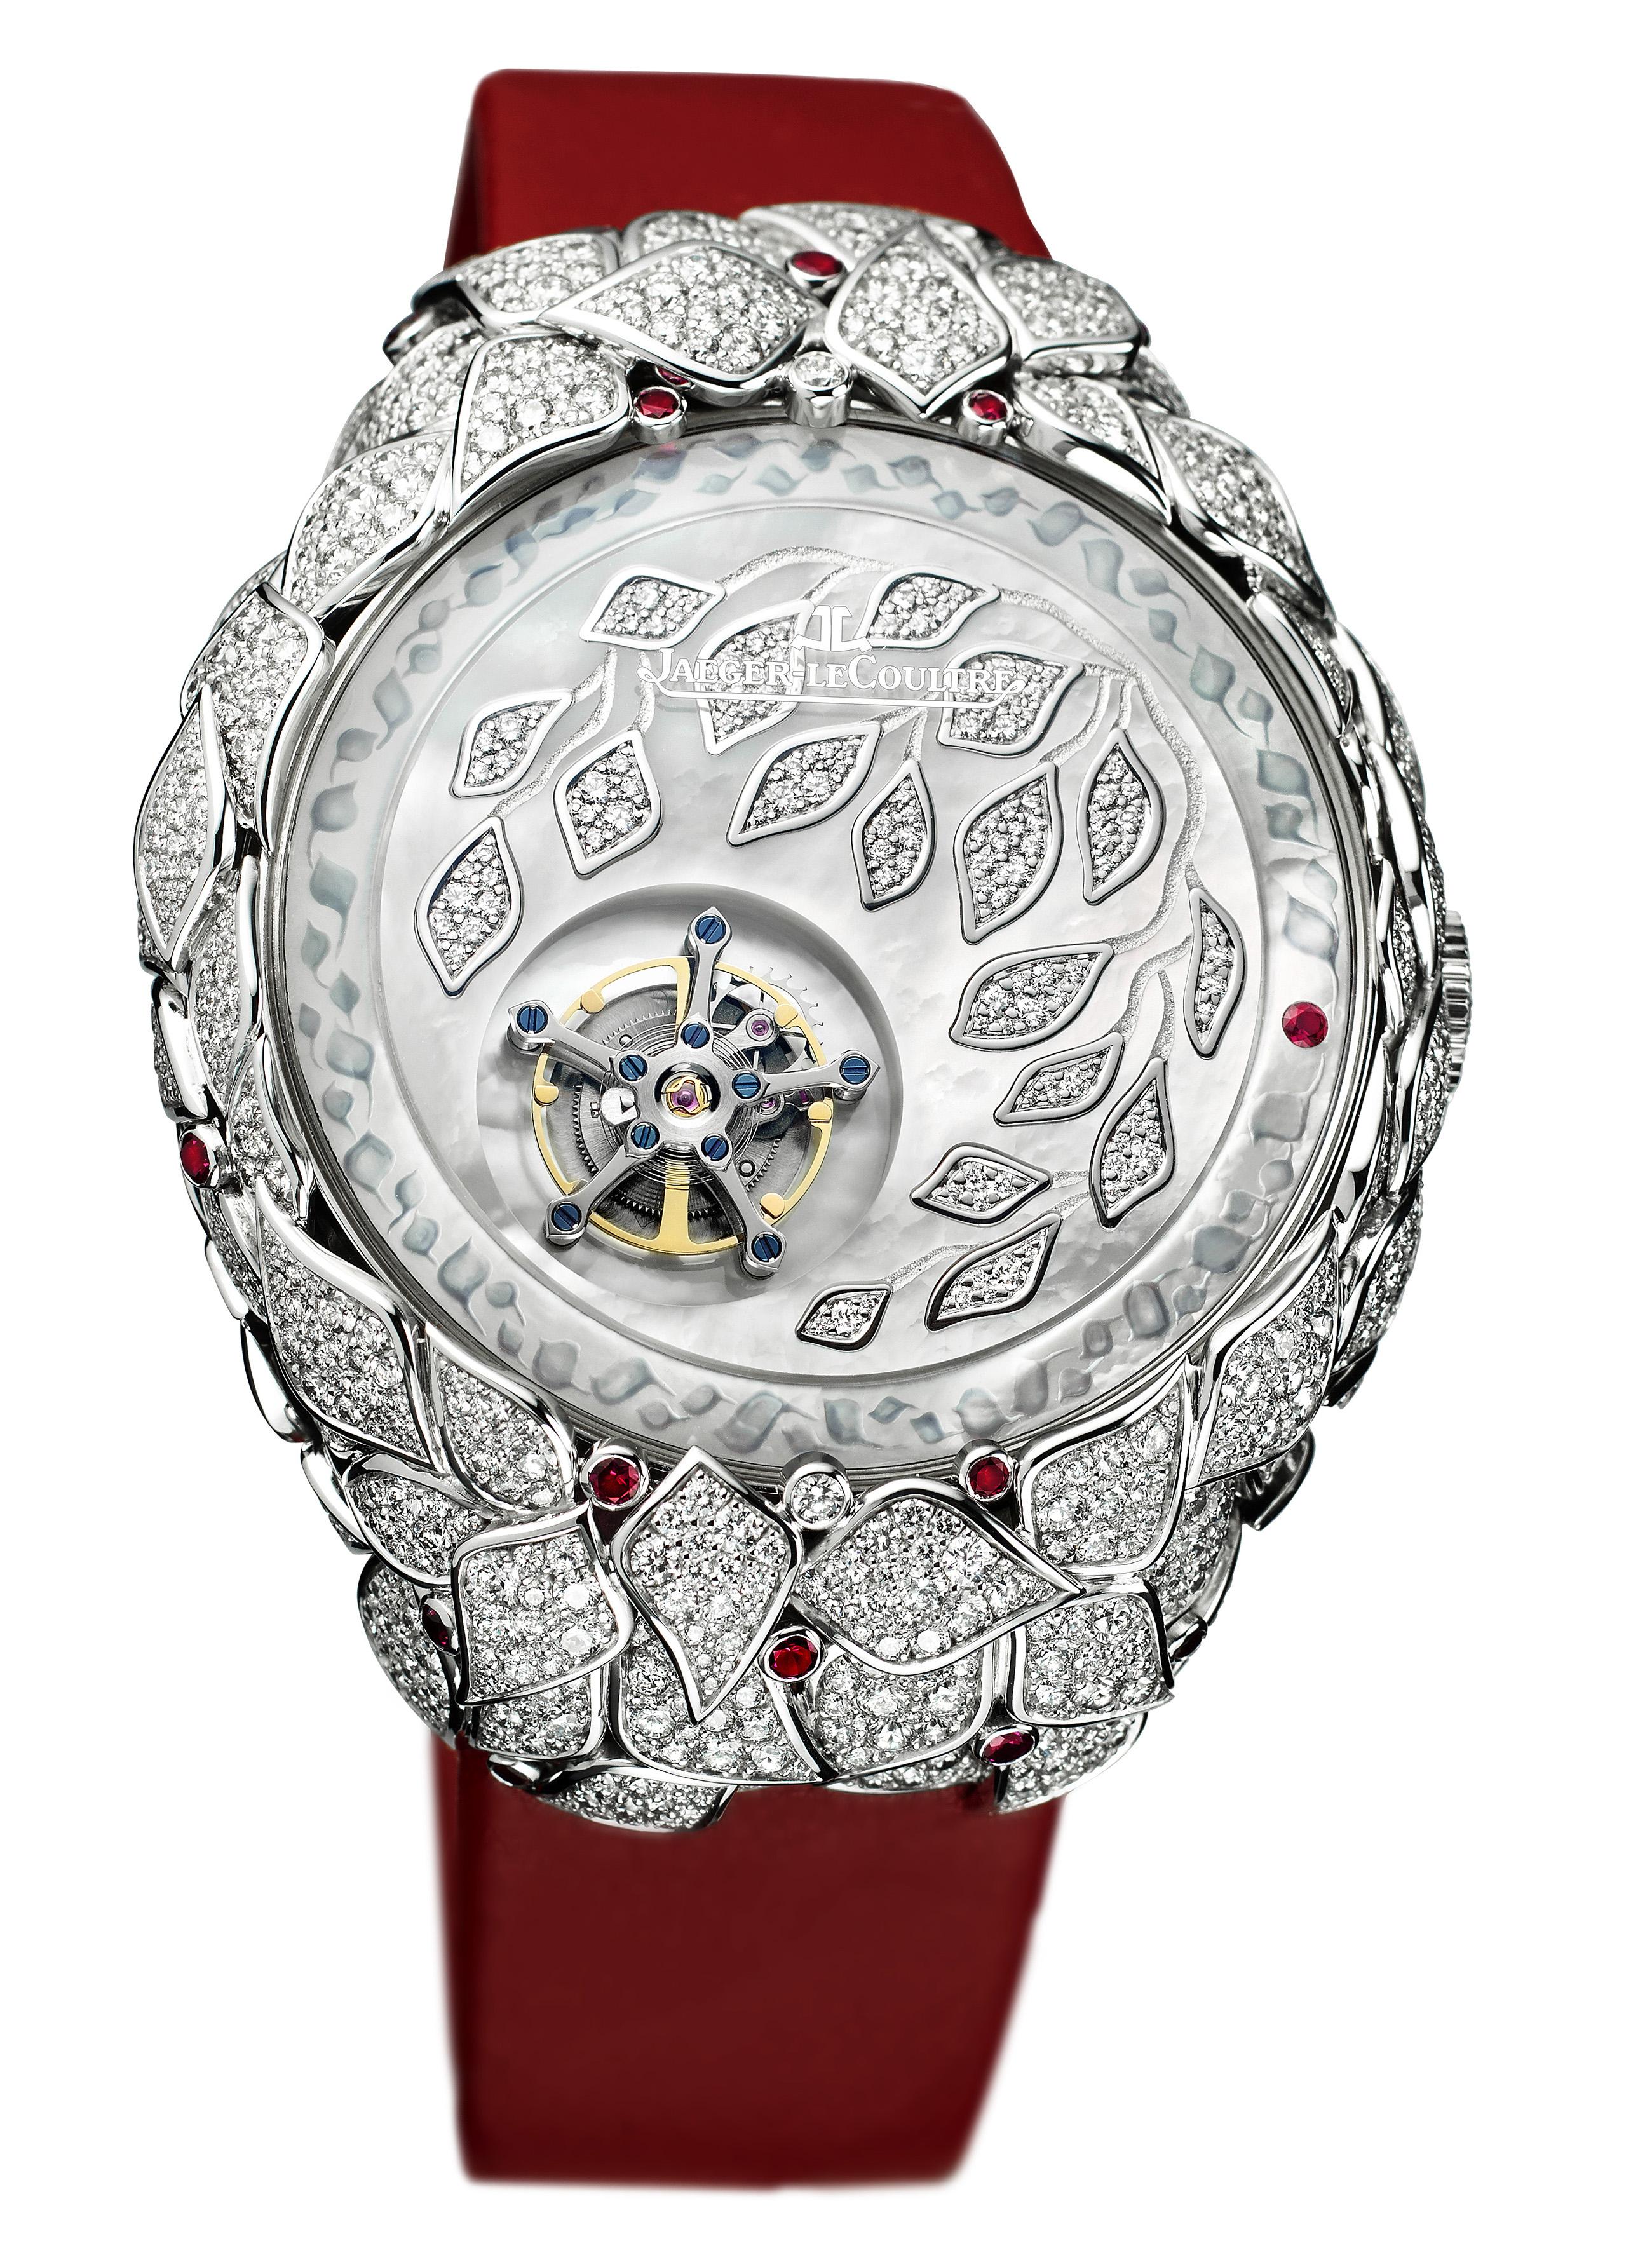 hyris_artistica_mysterieuse_ladiess_timepieces_front copy